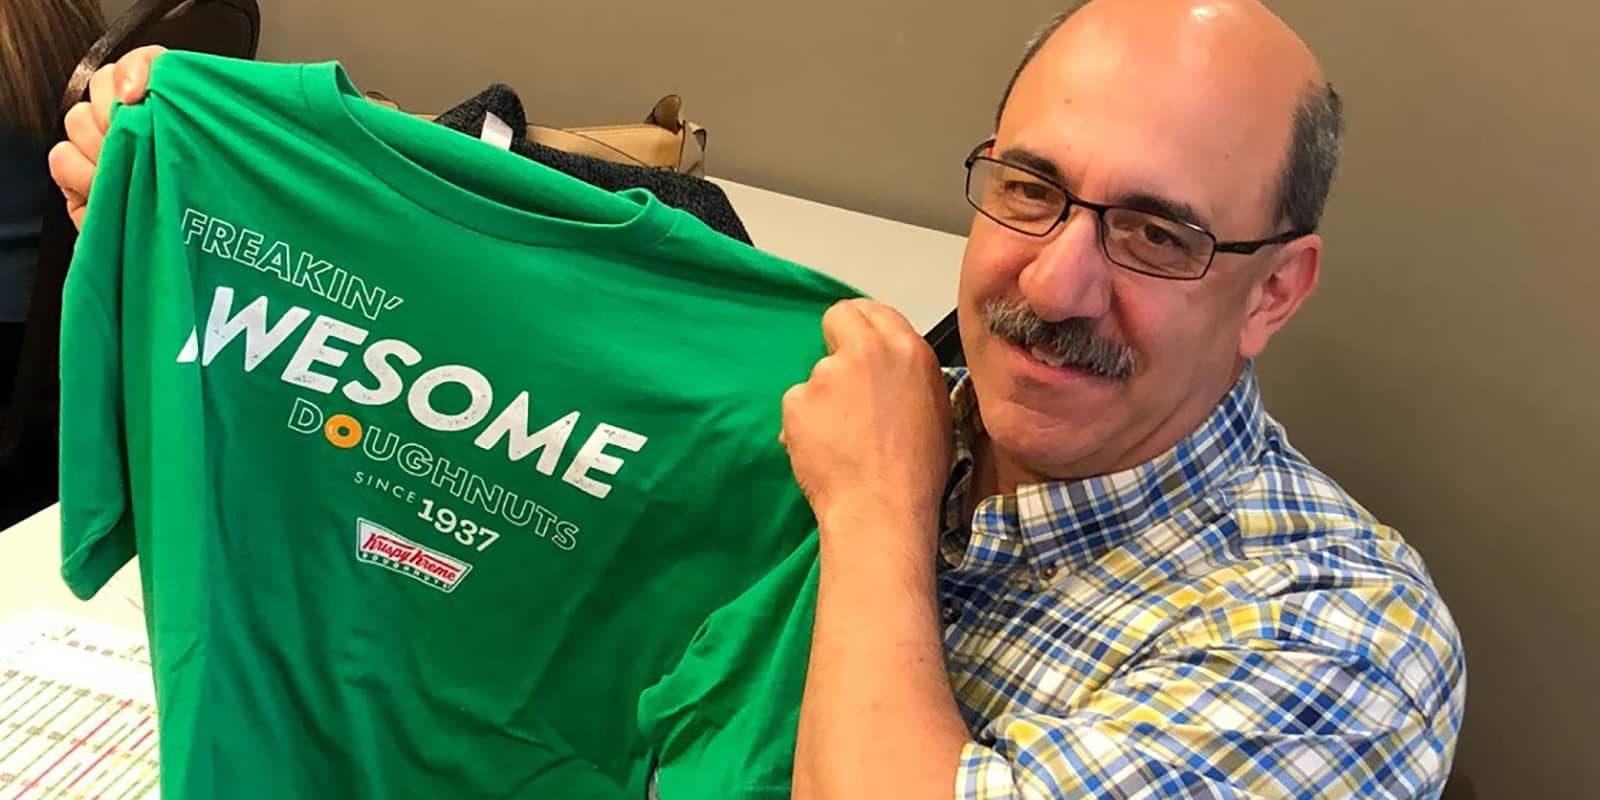 Krispy Kreme Green T-Shirt